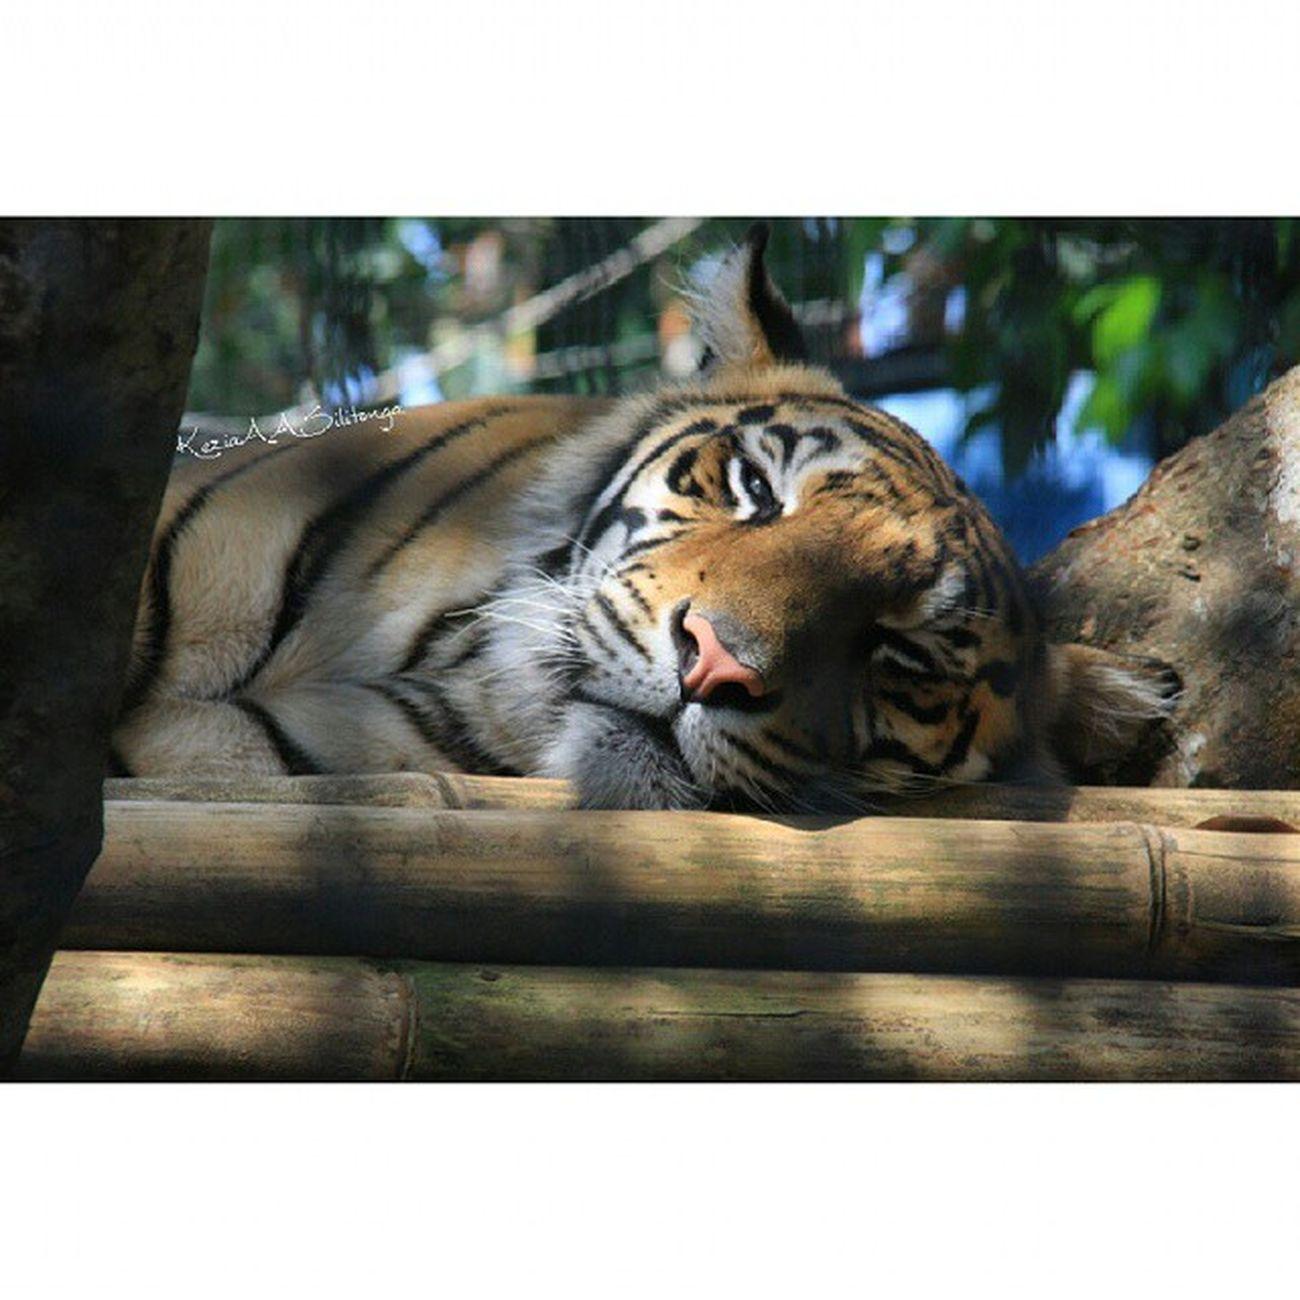 🐯😋 Me everyday.. Lazy😋🐯 Jatimpark2 Zoo BatuSecretZoo Myzooexperience throwback